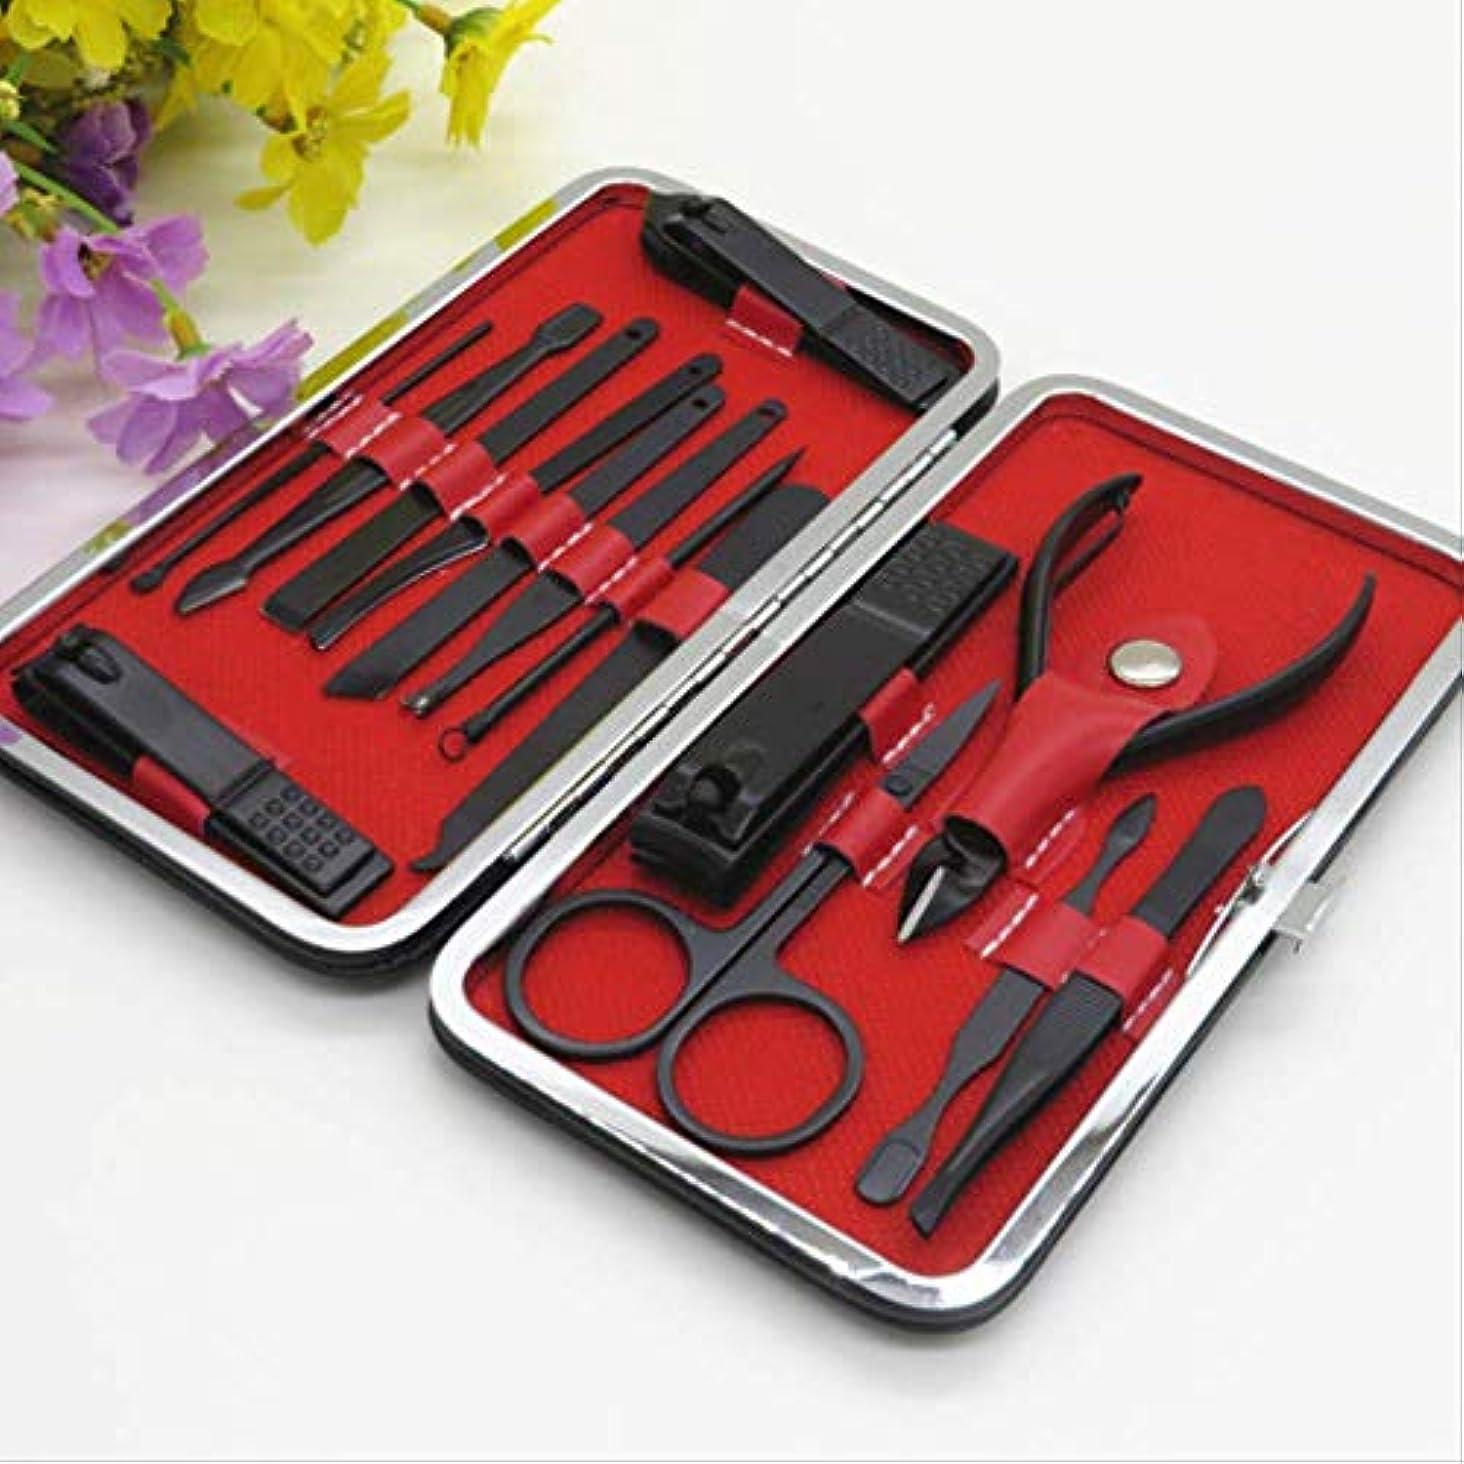 コマース乞食ユーザー爪切りセット16ピースペディキュアナイフ美容プライヤー爪ツール 7197G